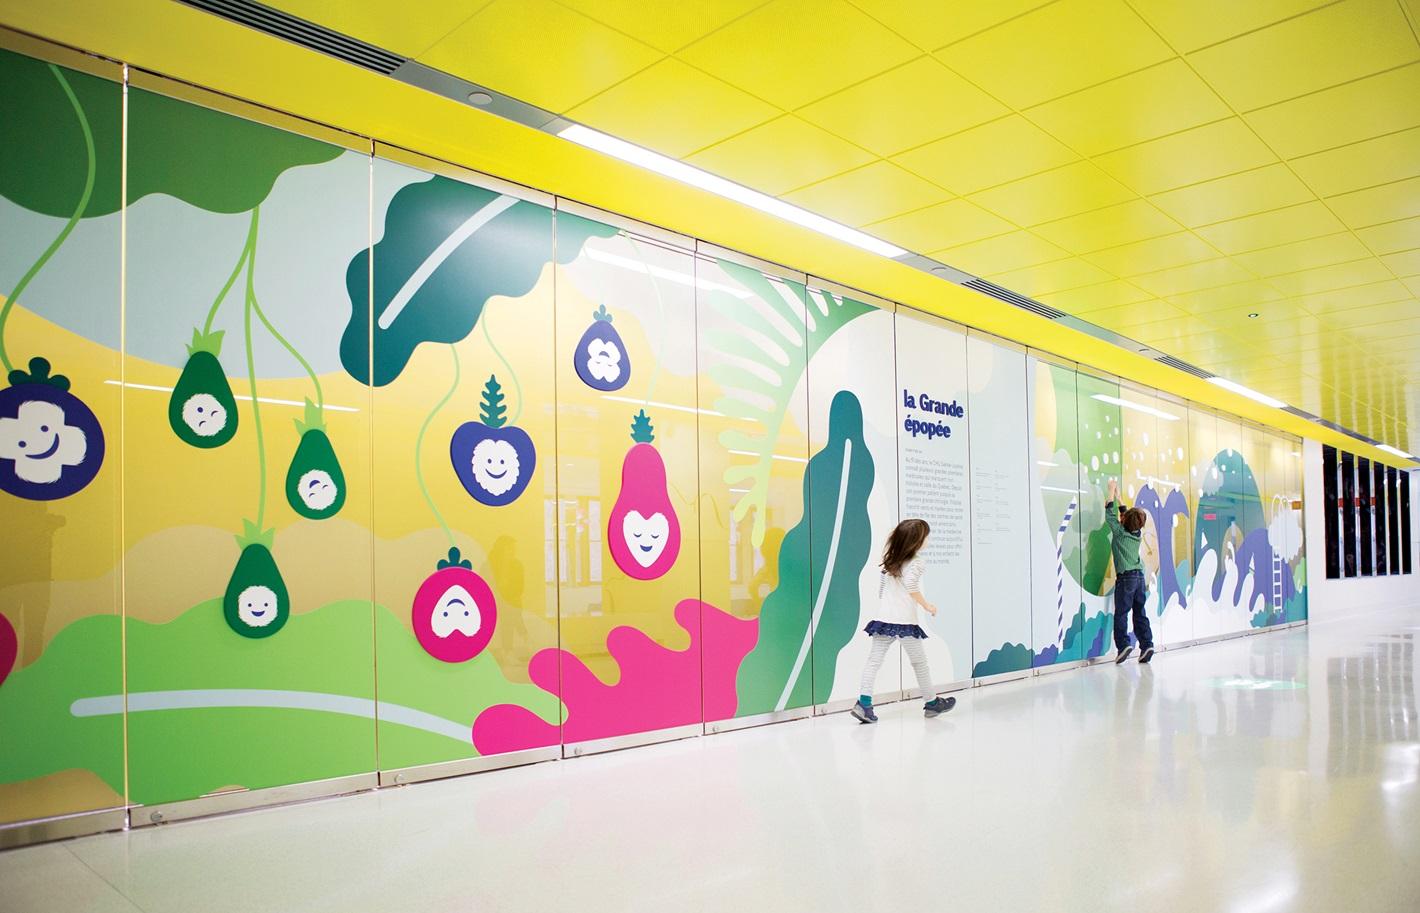 圣贾斯汀医院大花园环境图形设计©Sid Lee